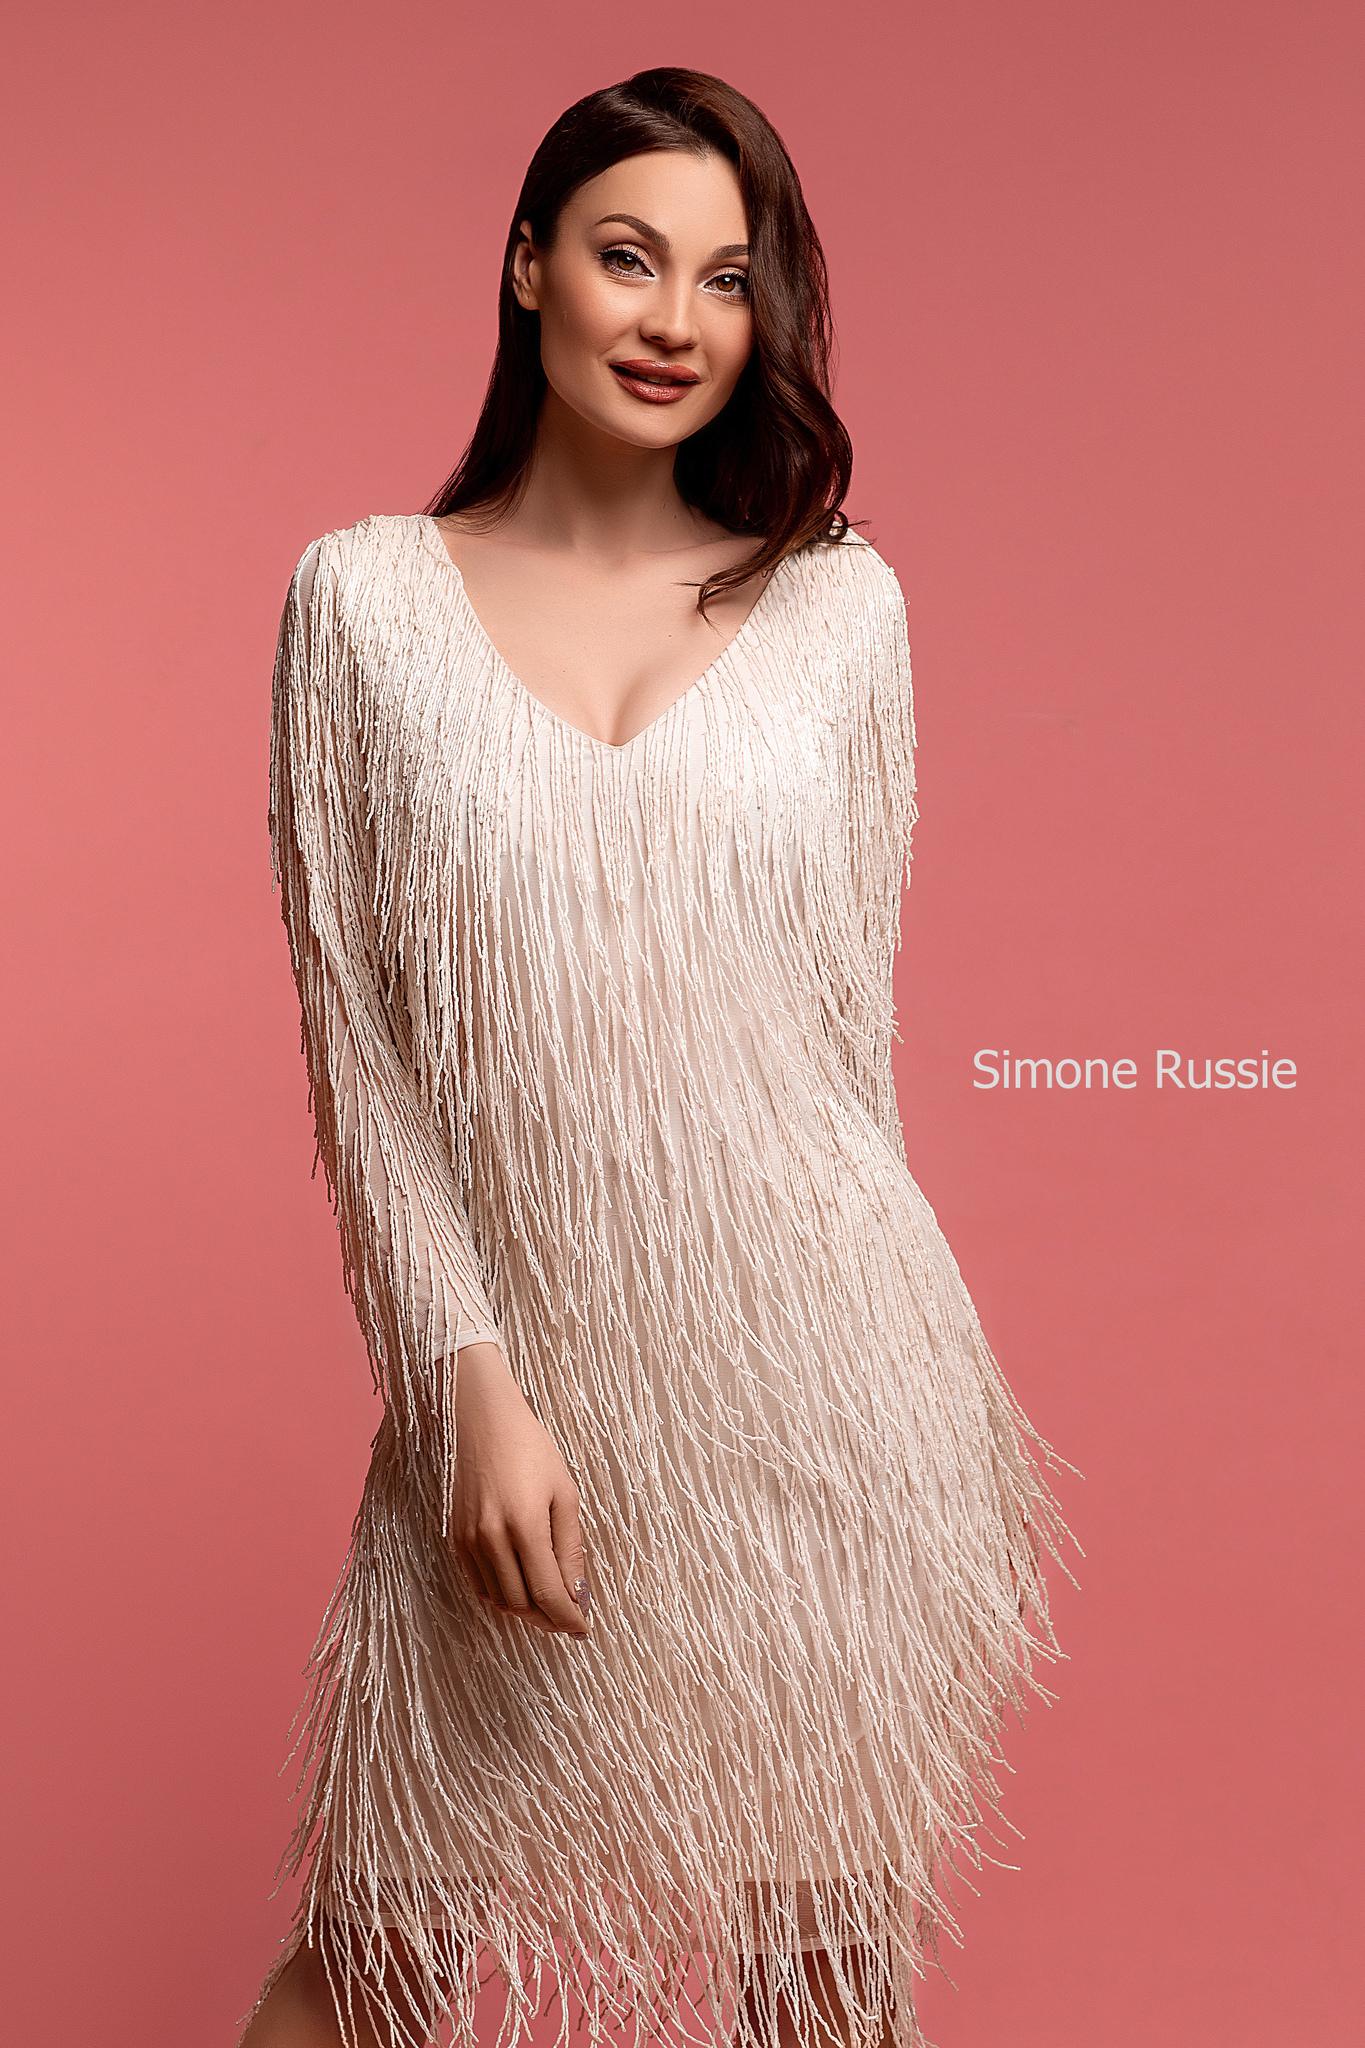 Simone Russie SR1961 Коктейльное платье средней длины с лапшой из бисера